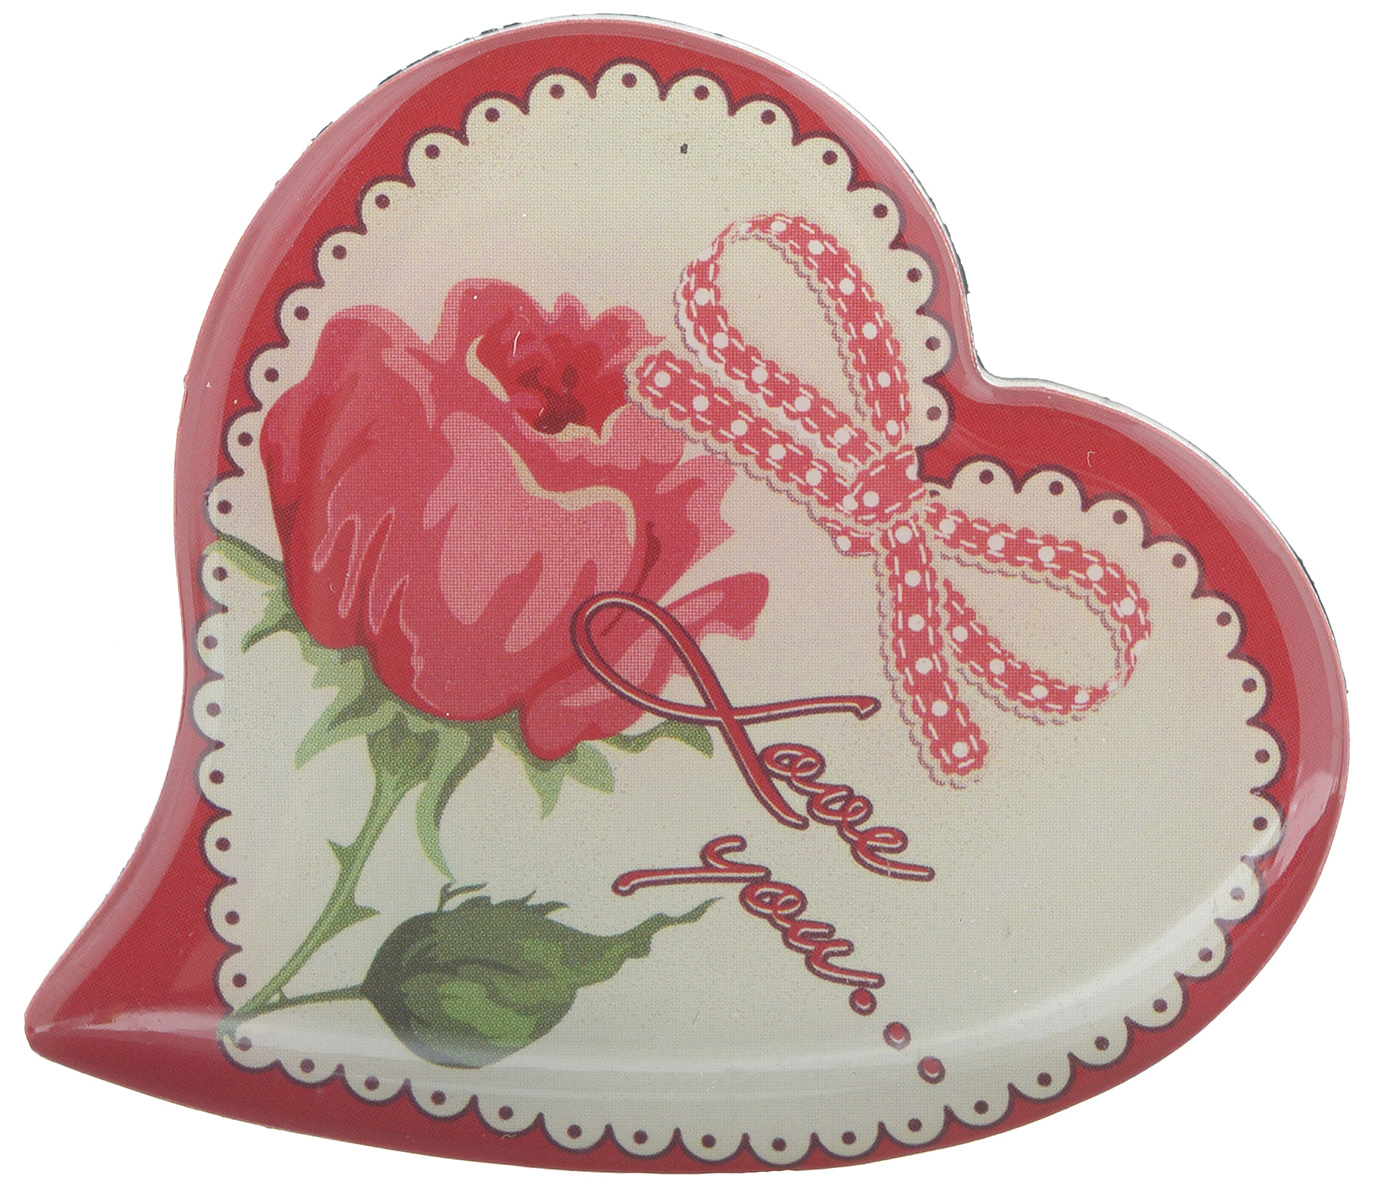 Магнит Феникс-презент Love You..., 5 x 5 смБрелок для ключейМагнит в форме сердца Феникс-презент Love You..., выполненный из агломерированного феррита, станет приятным штрихом в повседневной жизни. Оригинальный магнит, декорированный изображением розы, поможет вам украсить не только холодильник, но и любую другую магнитную поверхность. Материал: агломерированный феррит.